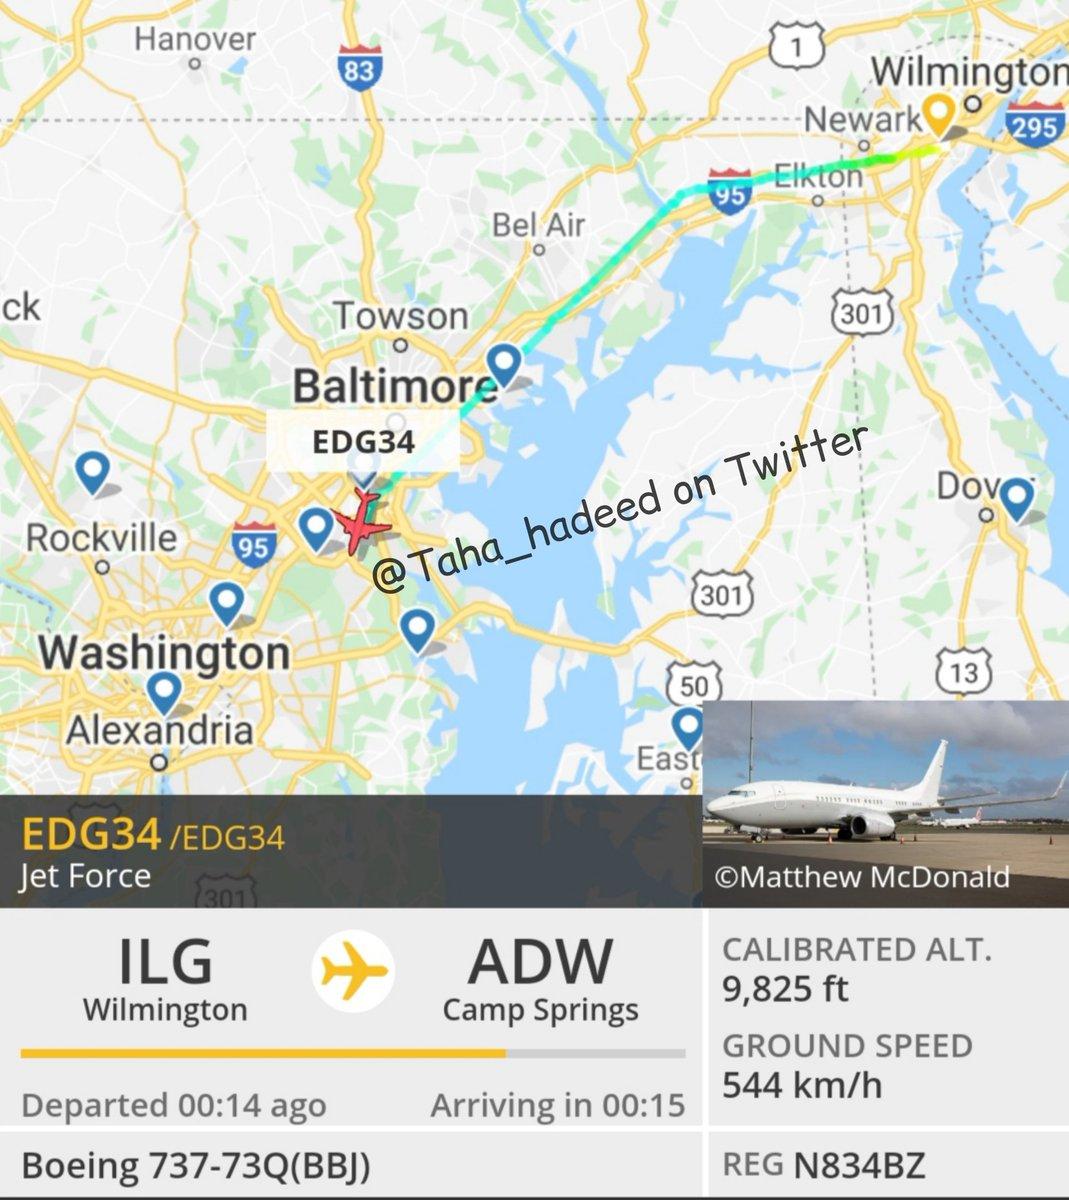 جو #بايدن @JoeBiden يتجه إلى #واشنطن لحضور حفل تنصيبه رئيسا للولايات المتحدة، طائرة Boeing 737 reg. N834BZ